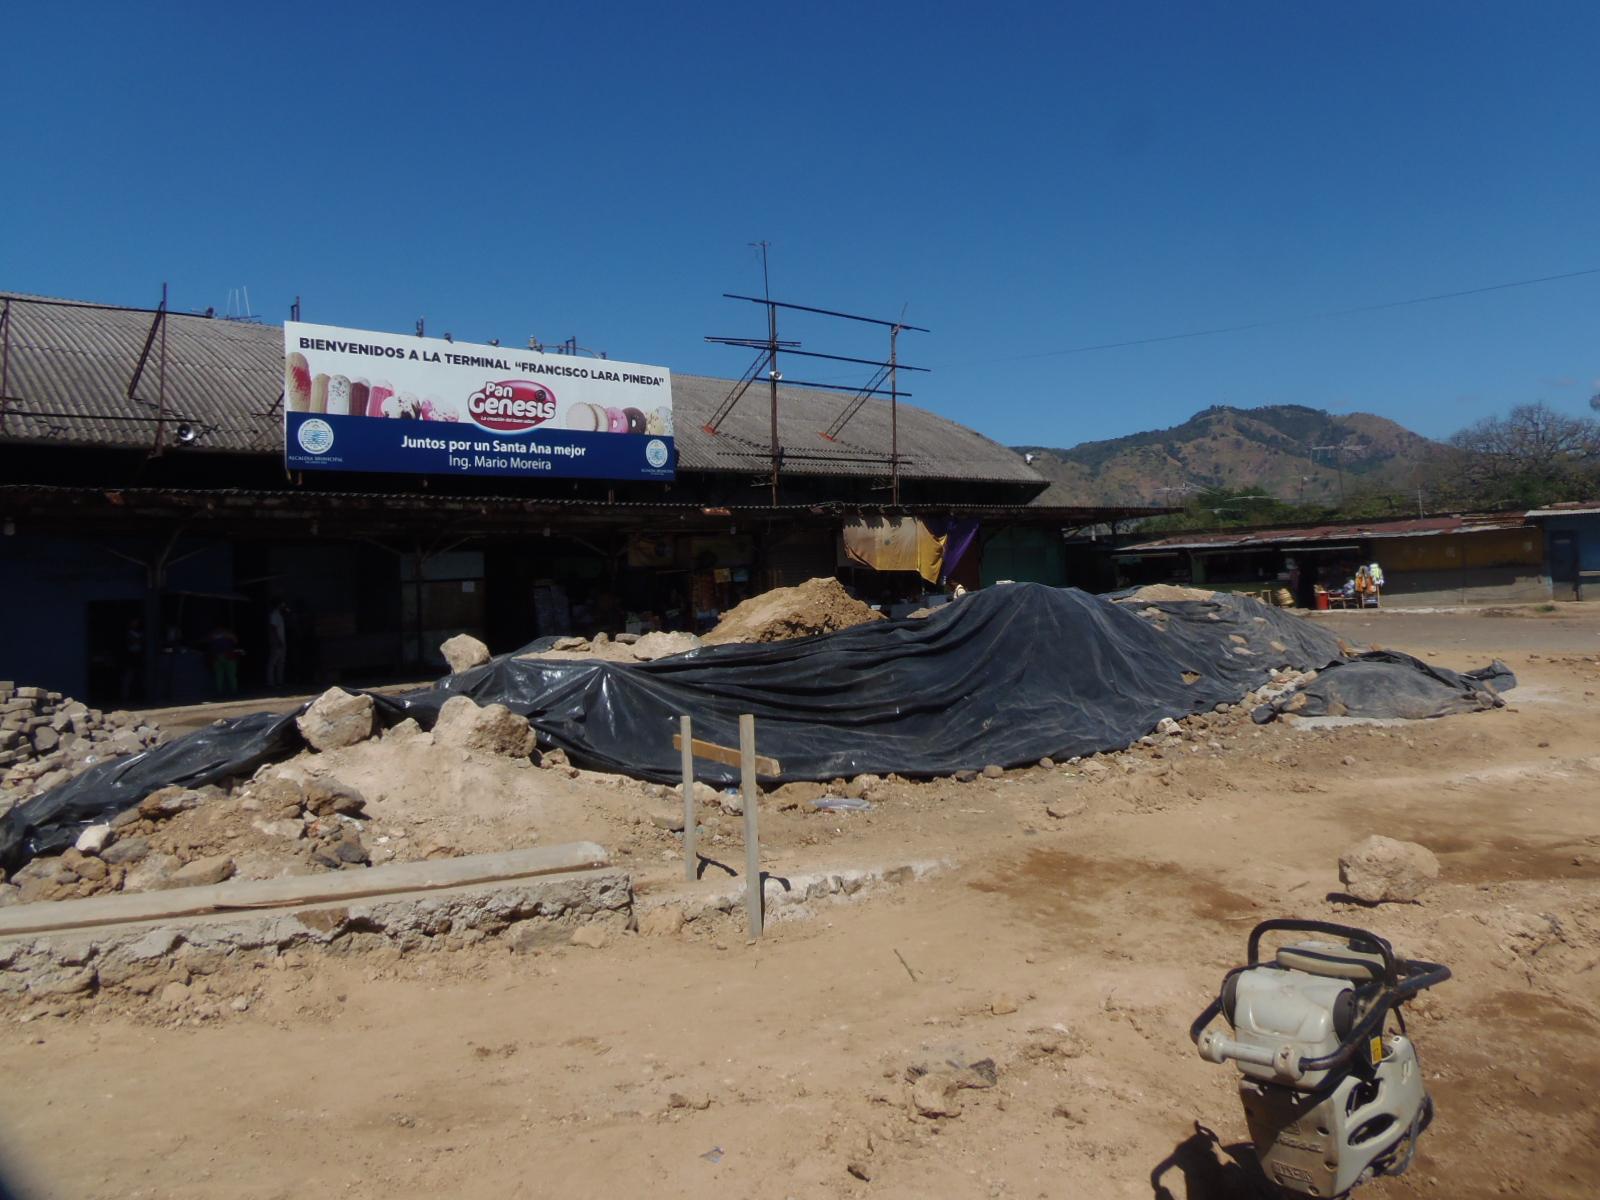 Vendedores exigen que trabajos de reparación en calles de la terminal Francisco Lara Pineda se agilicen